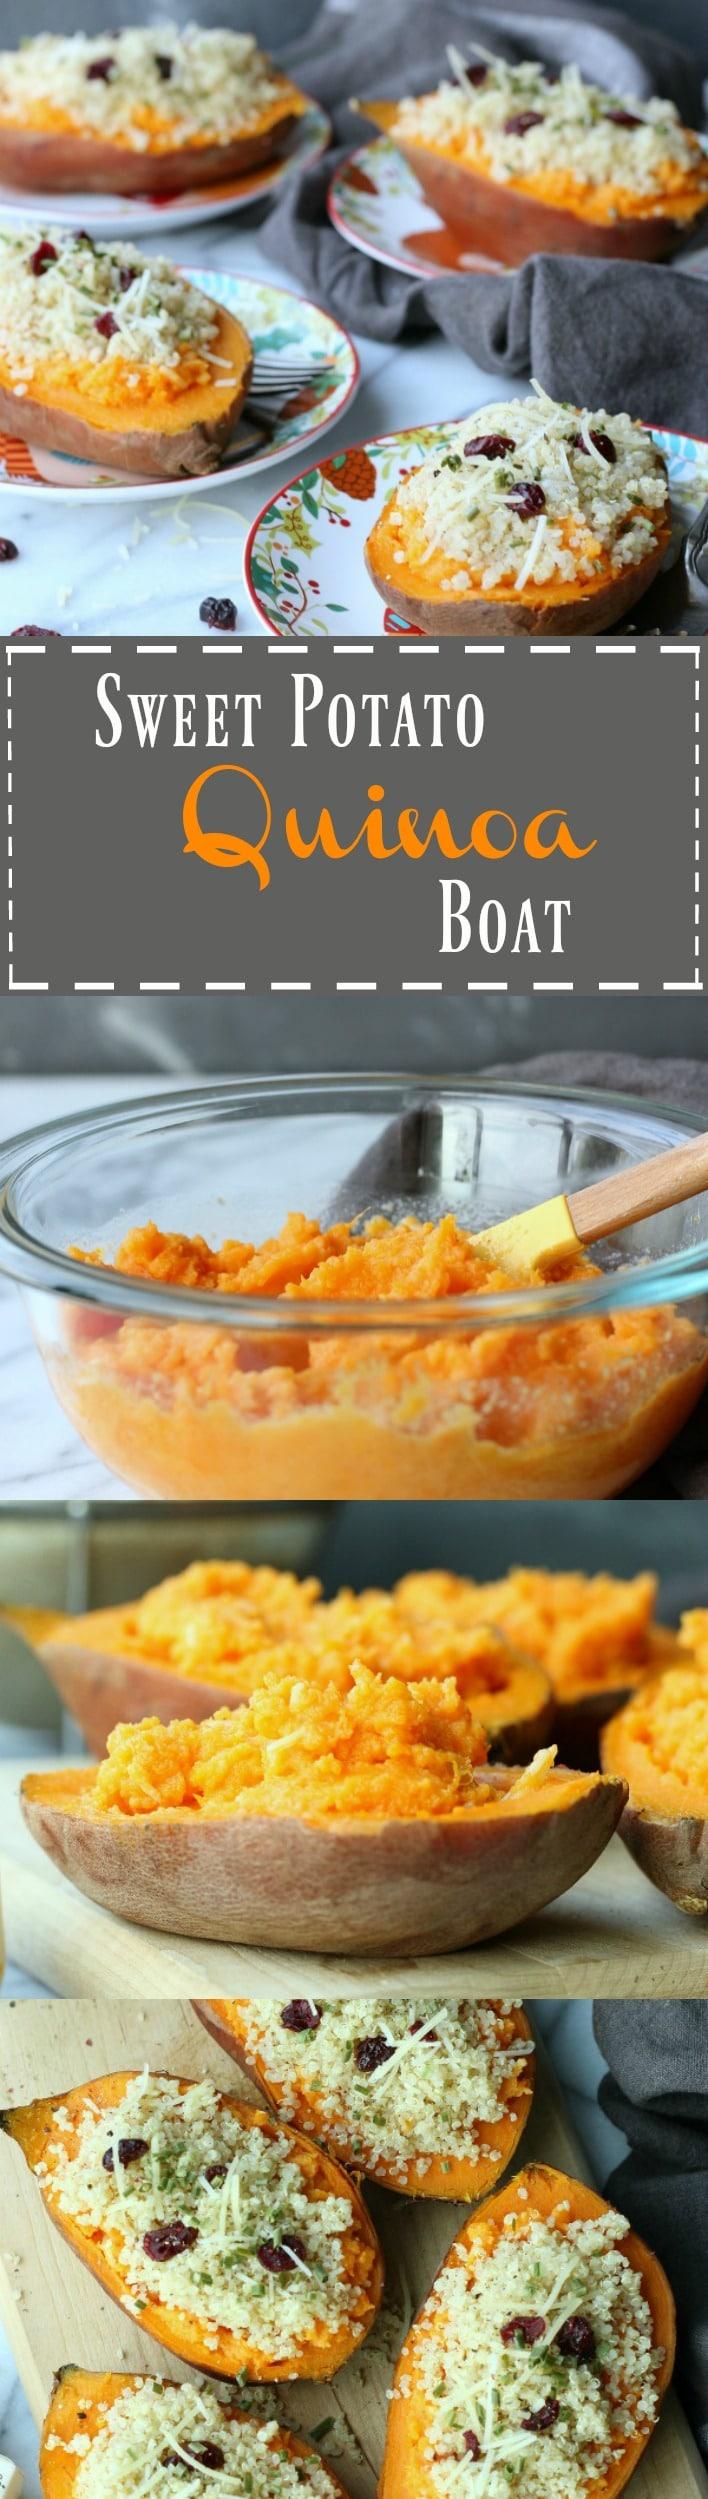 Sweet Potato Quinoa Boat   gardeninthekitchen.com